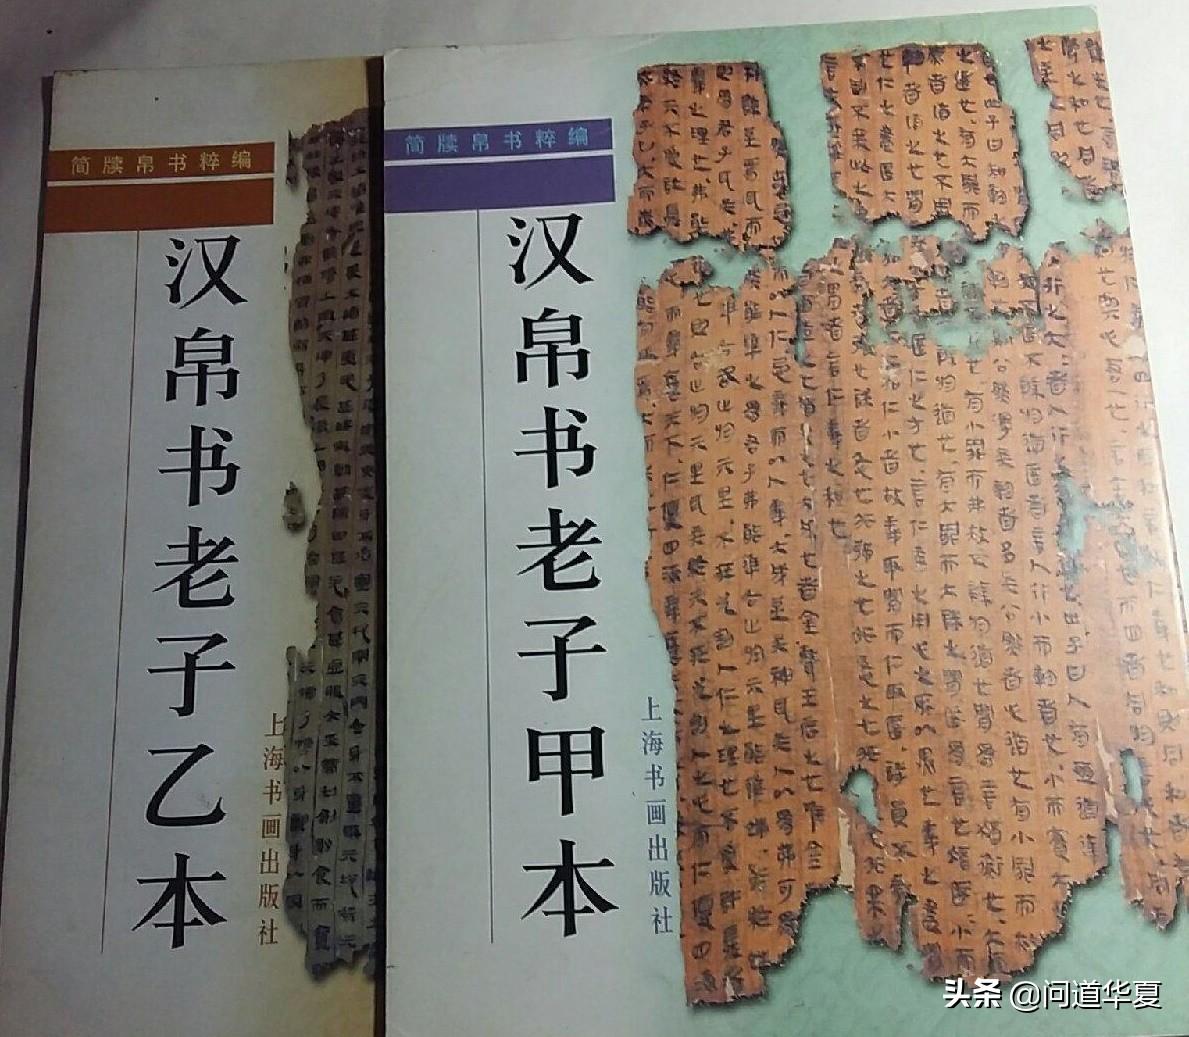 帛书中的一个字,颠覆了被误解两千年的经典,还原了老子真相